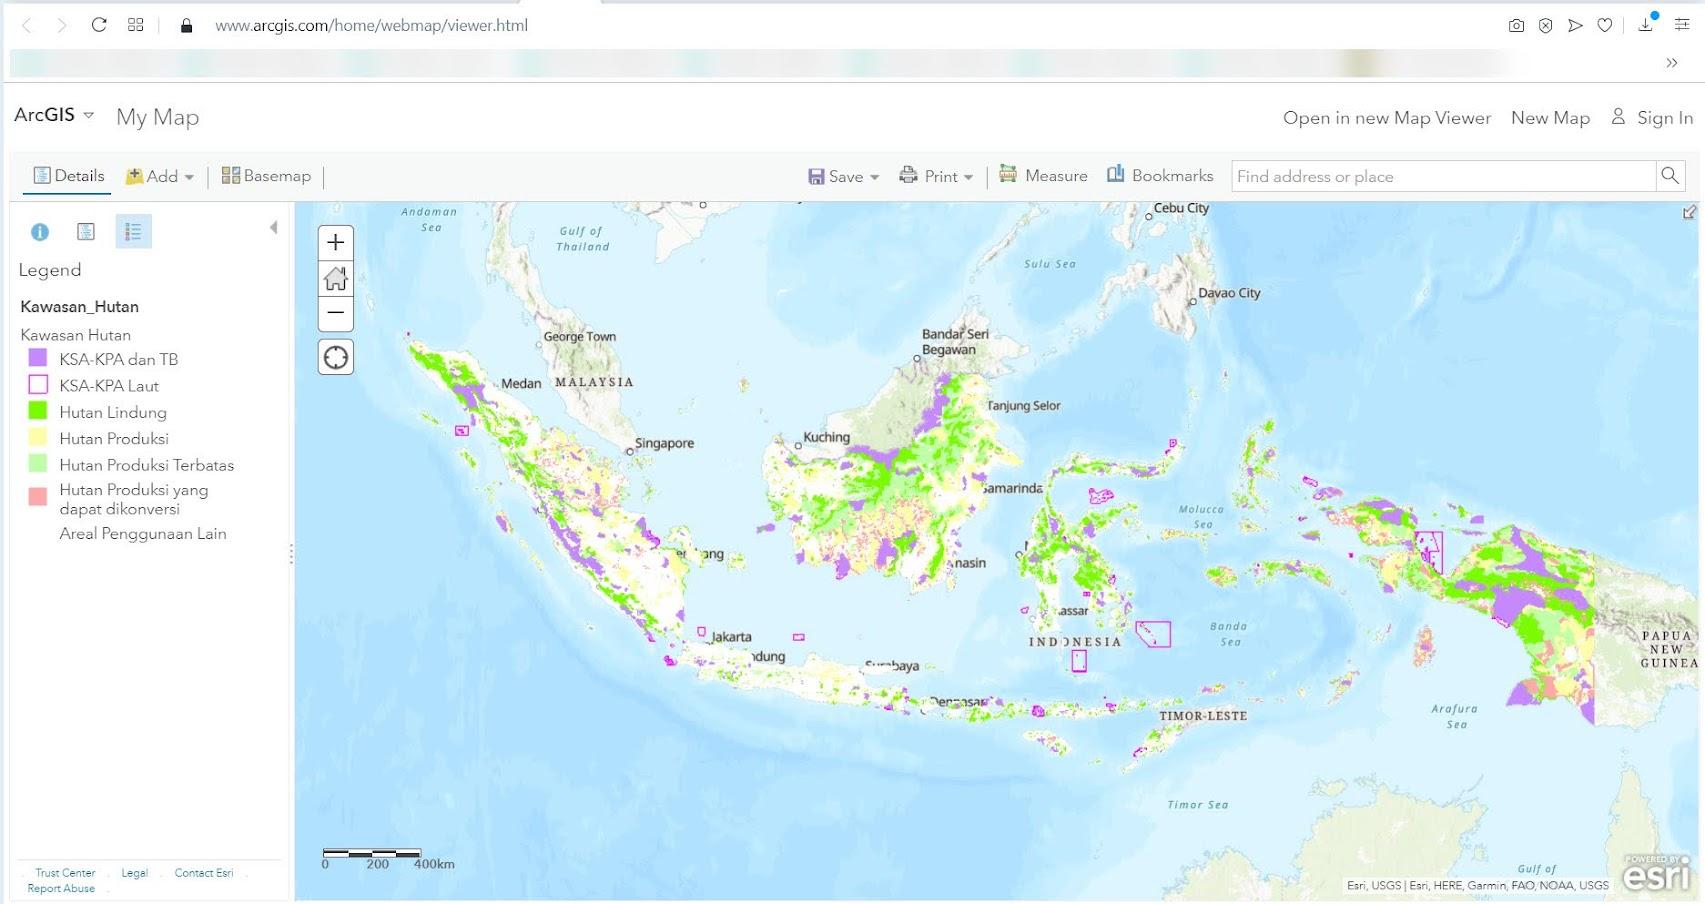 Peta status kawasan hutan Indonesia dari KLHK di ArcGIS Online